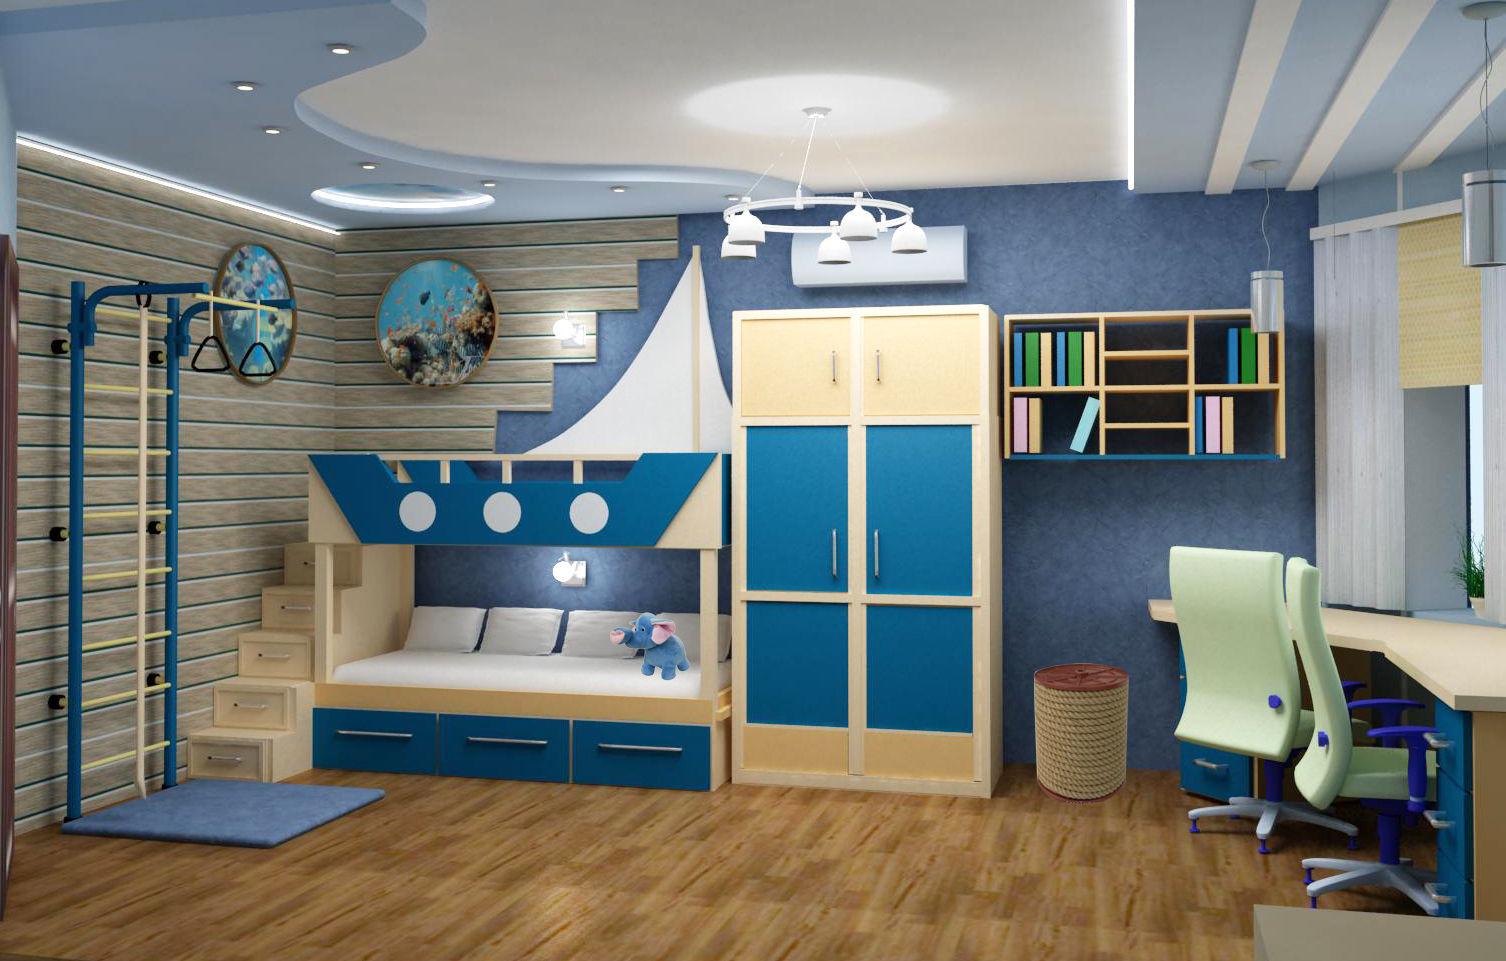 8 ошибок, которые легко допустить в дизайне детской комнаты